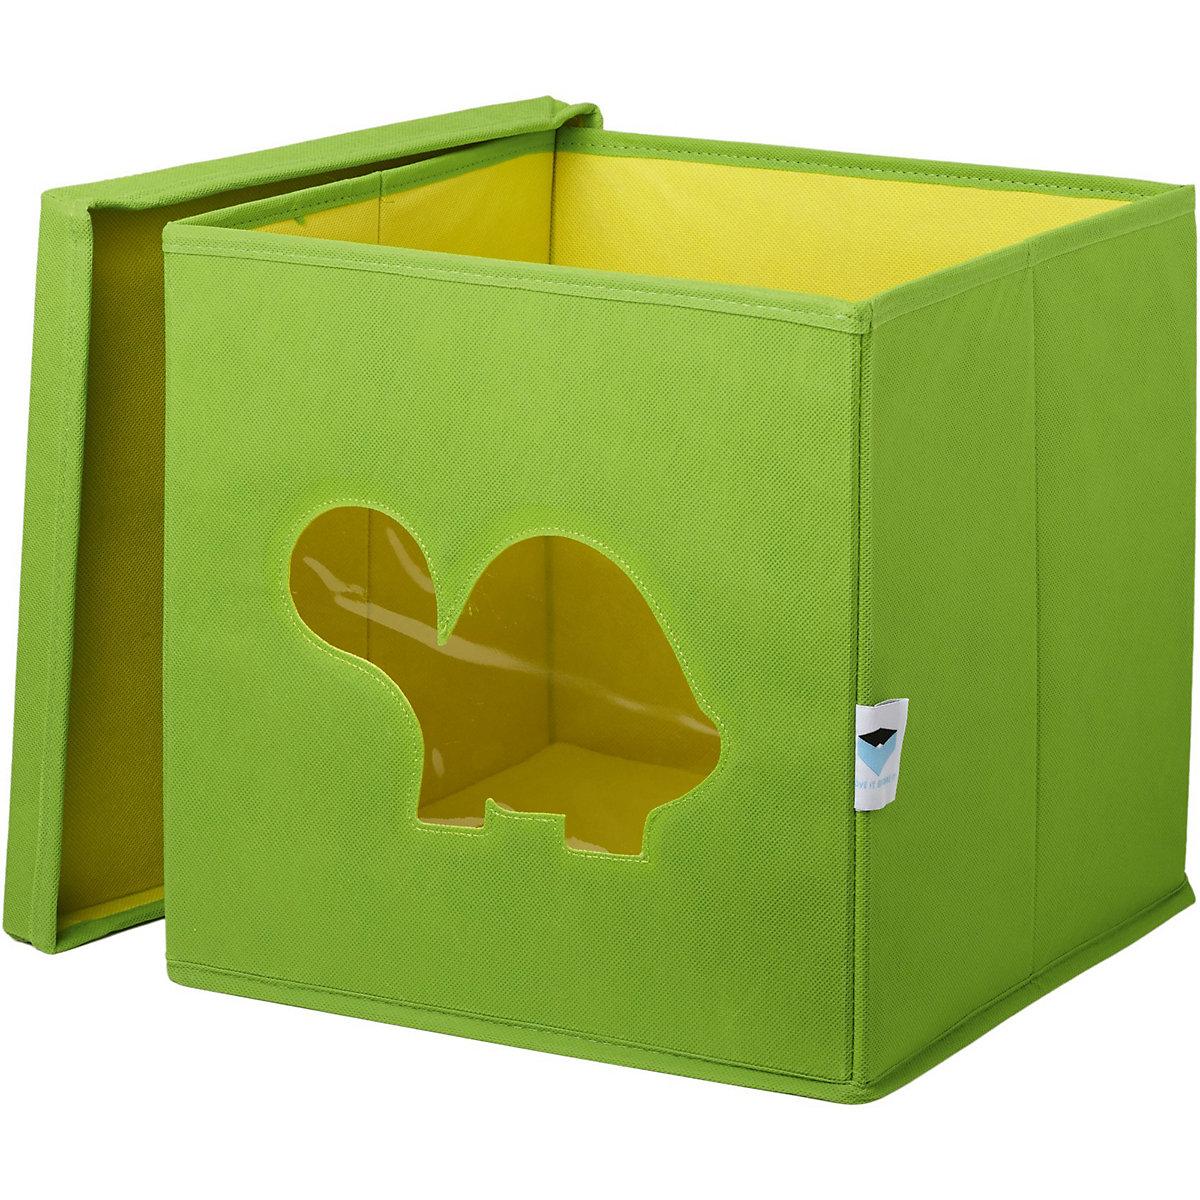 aufbewahrungsbox schildkr te mit sichtfenster gr n. Black Bedroom Furniture Sets. Home Design Ideas